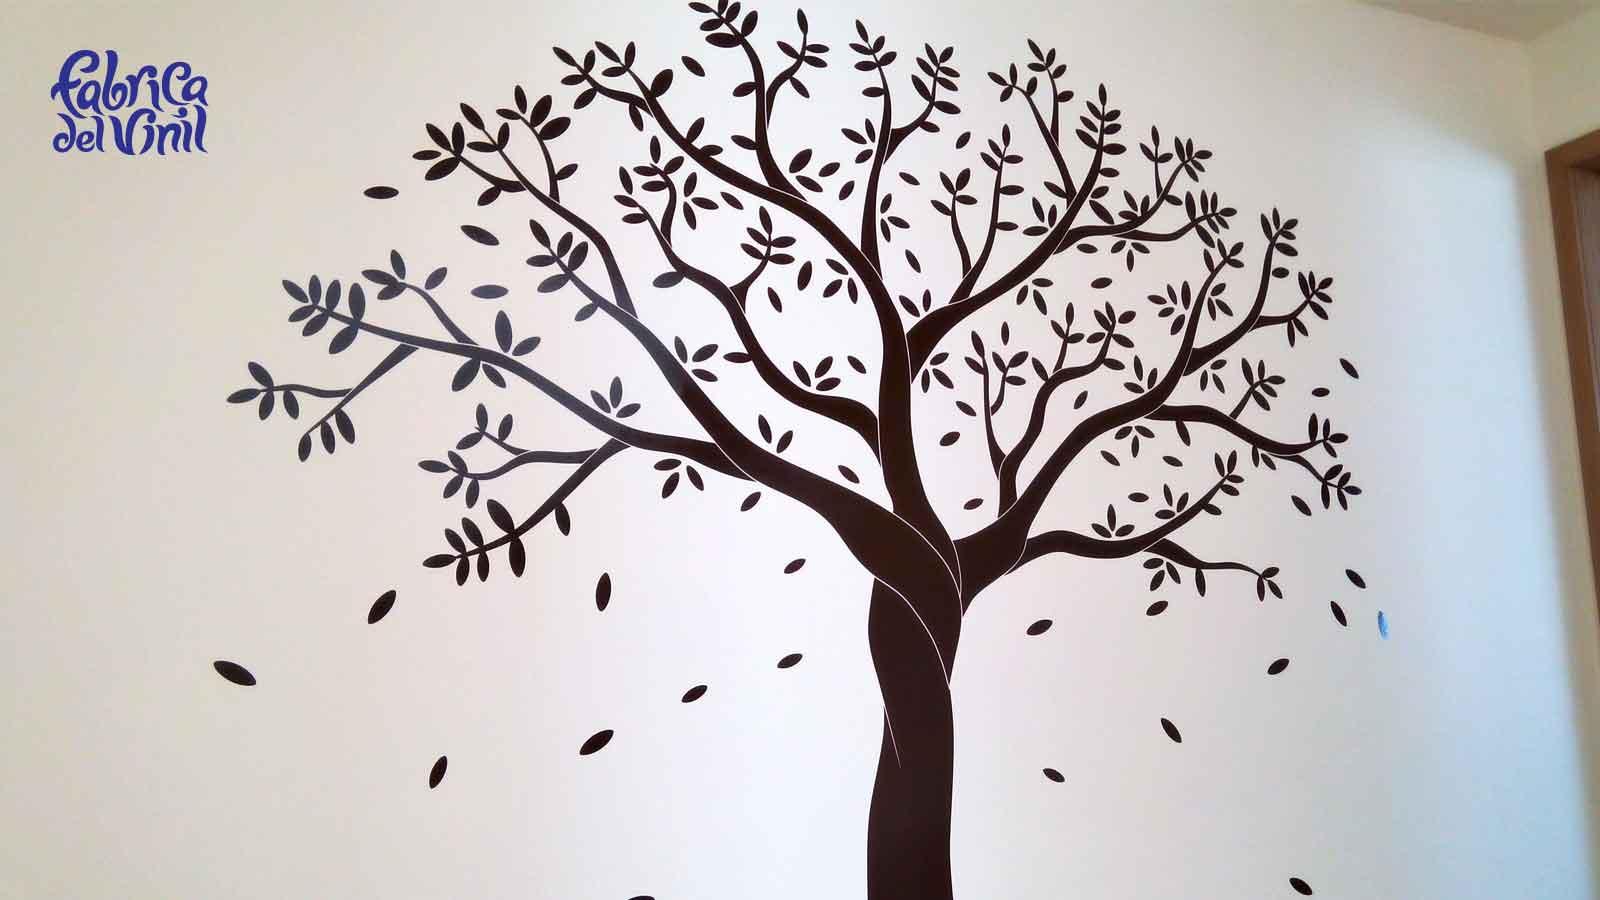 Fabrica del vinil decoraci n de interiores con rboles de vinilo en m xico - Vinilos de arboles para paredes ...